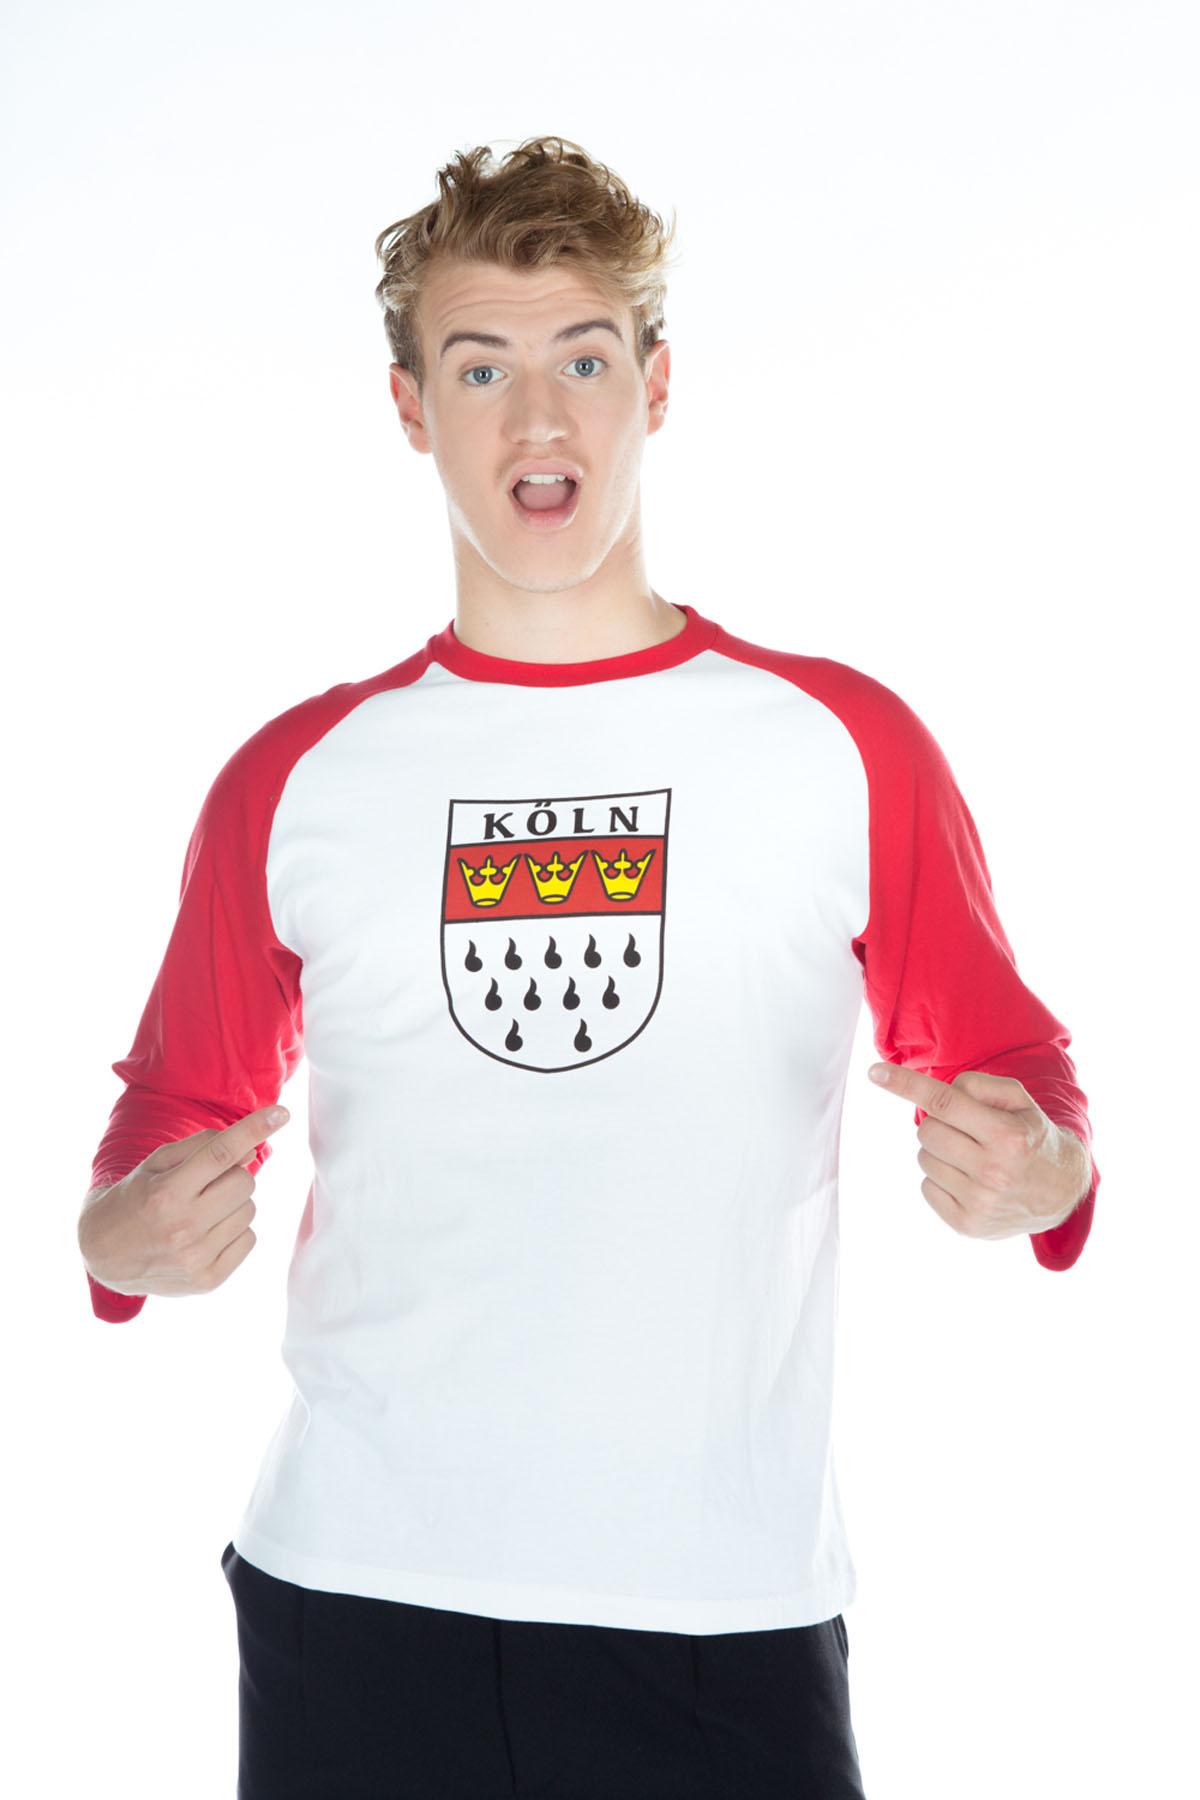 24884dfabc32d2 Köln T-Shirt Rot Weiss (langarm) bei karnevalswierts.com